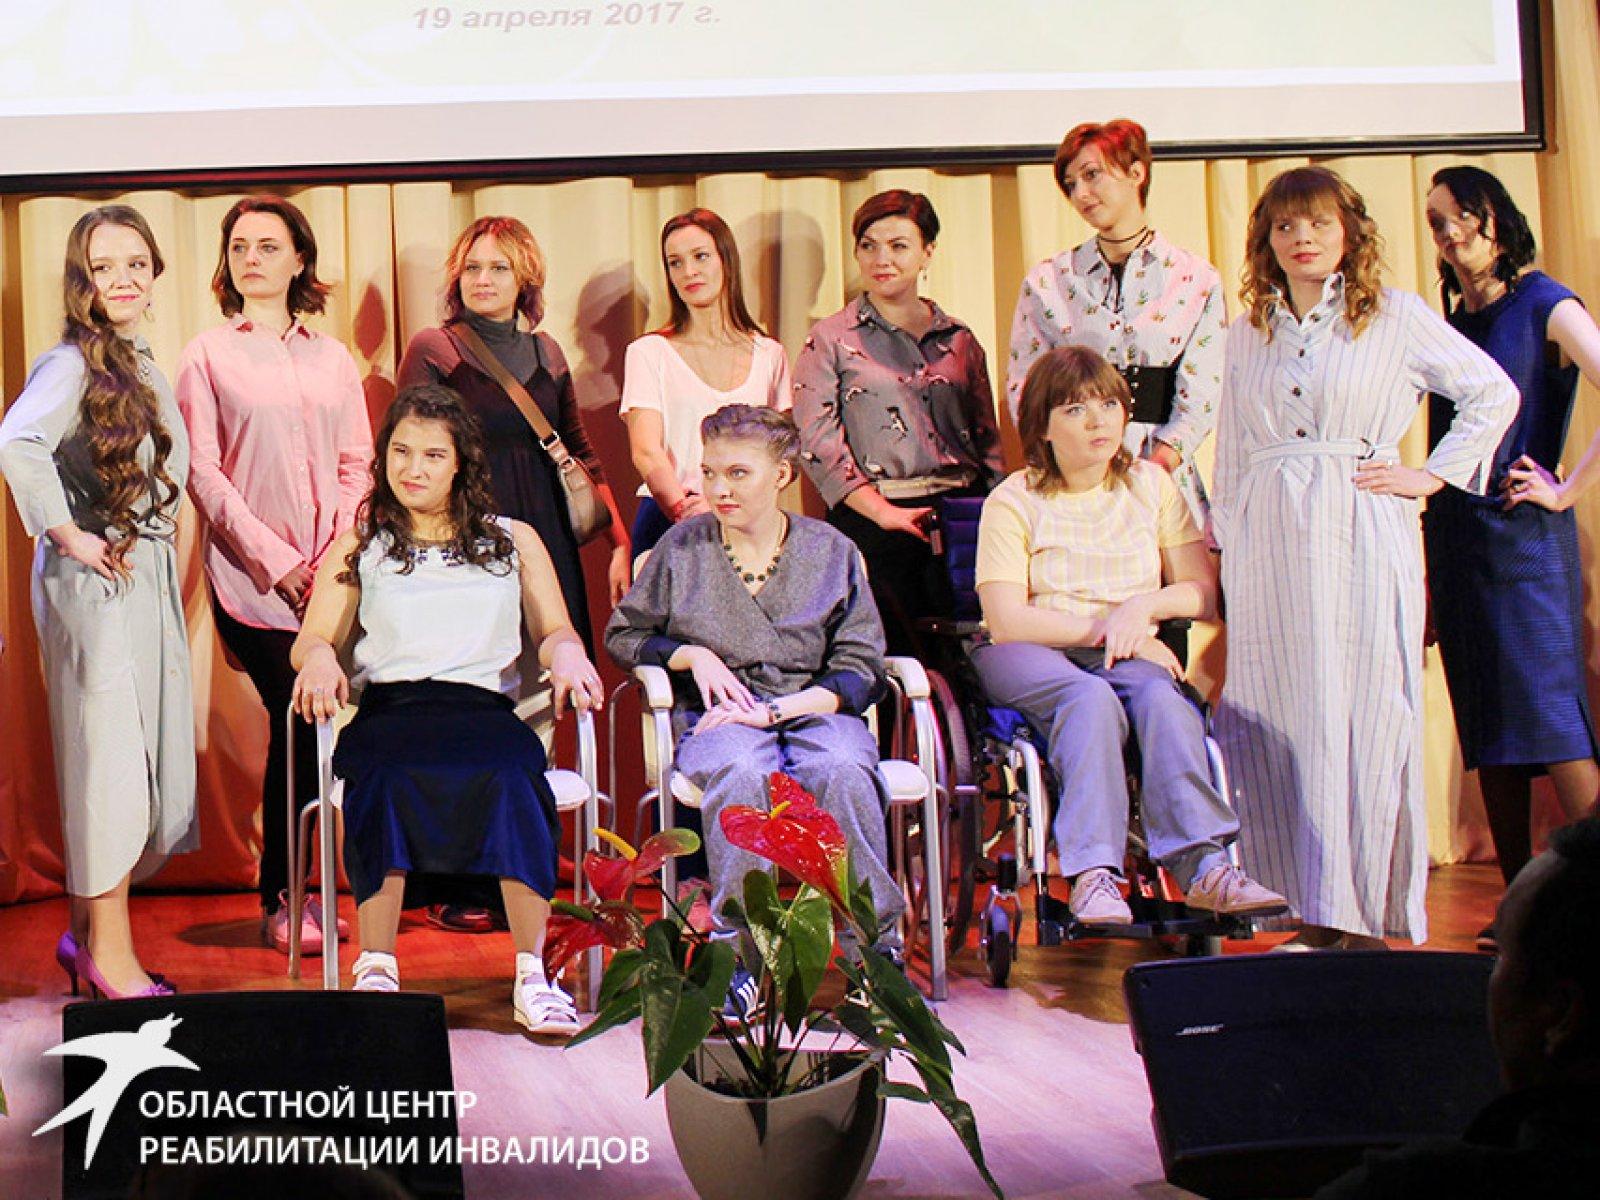 Первый в истории Областного центра реабилитации инвалидов Форум особенной красоты